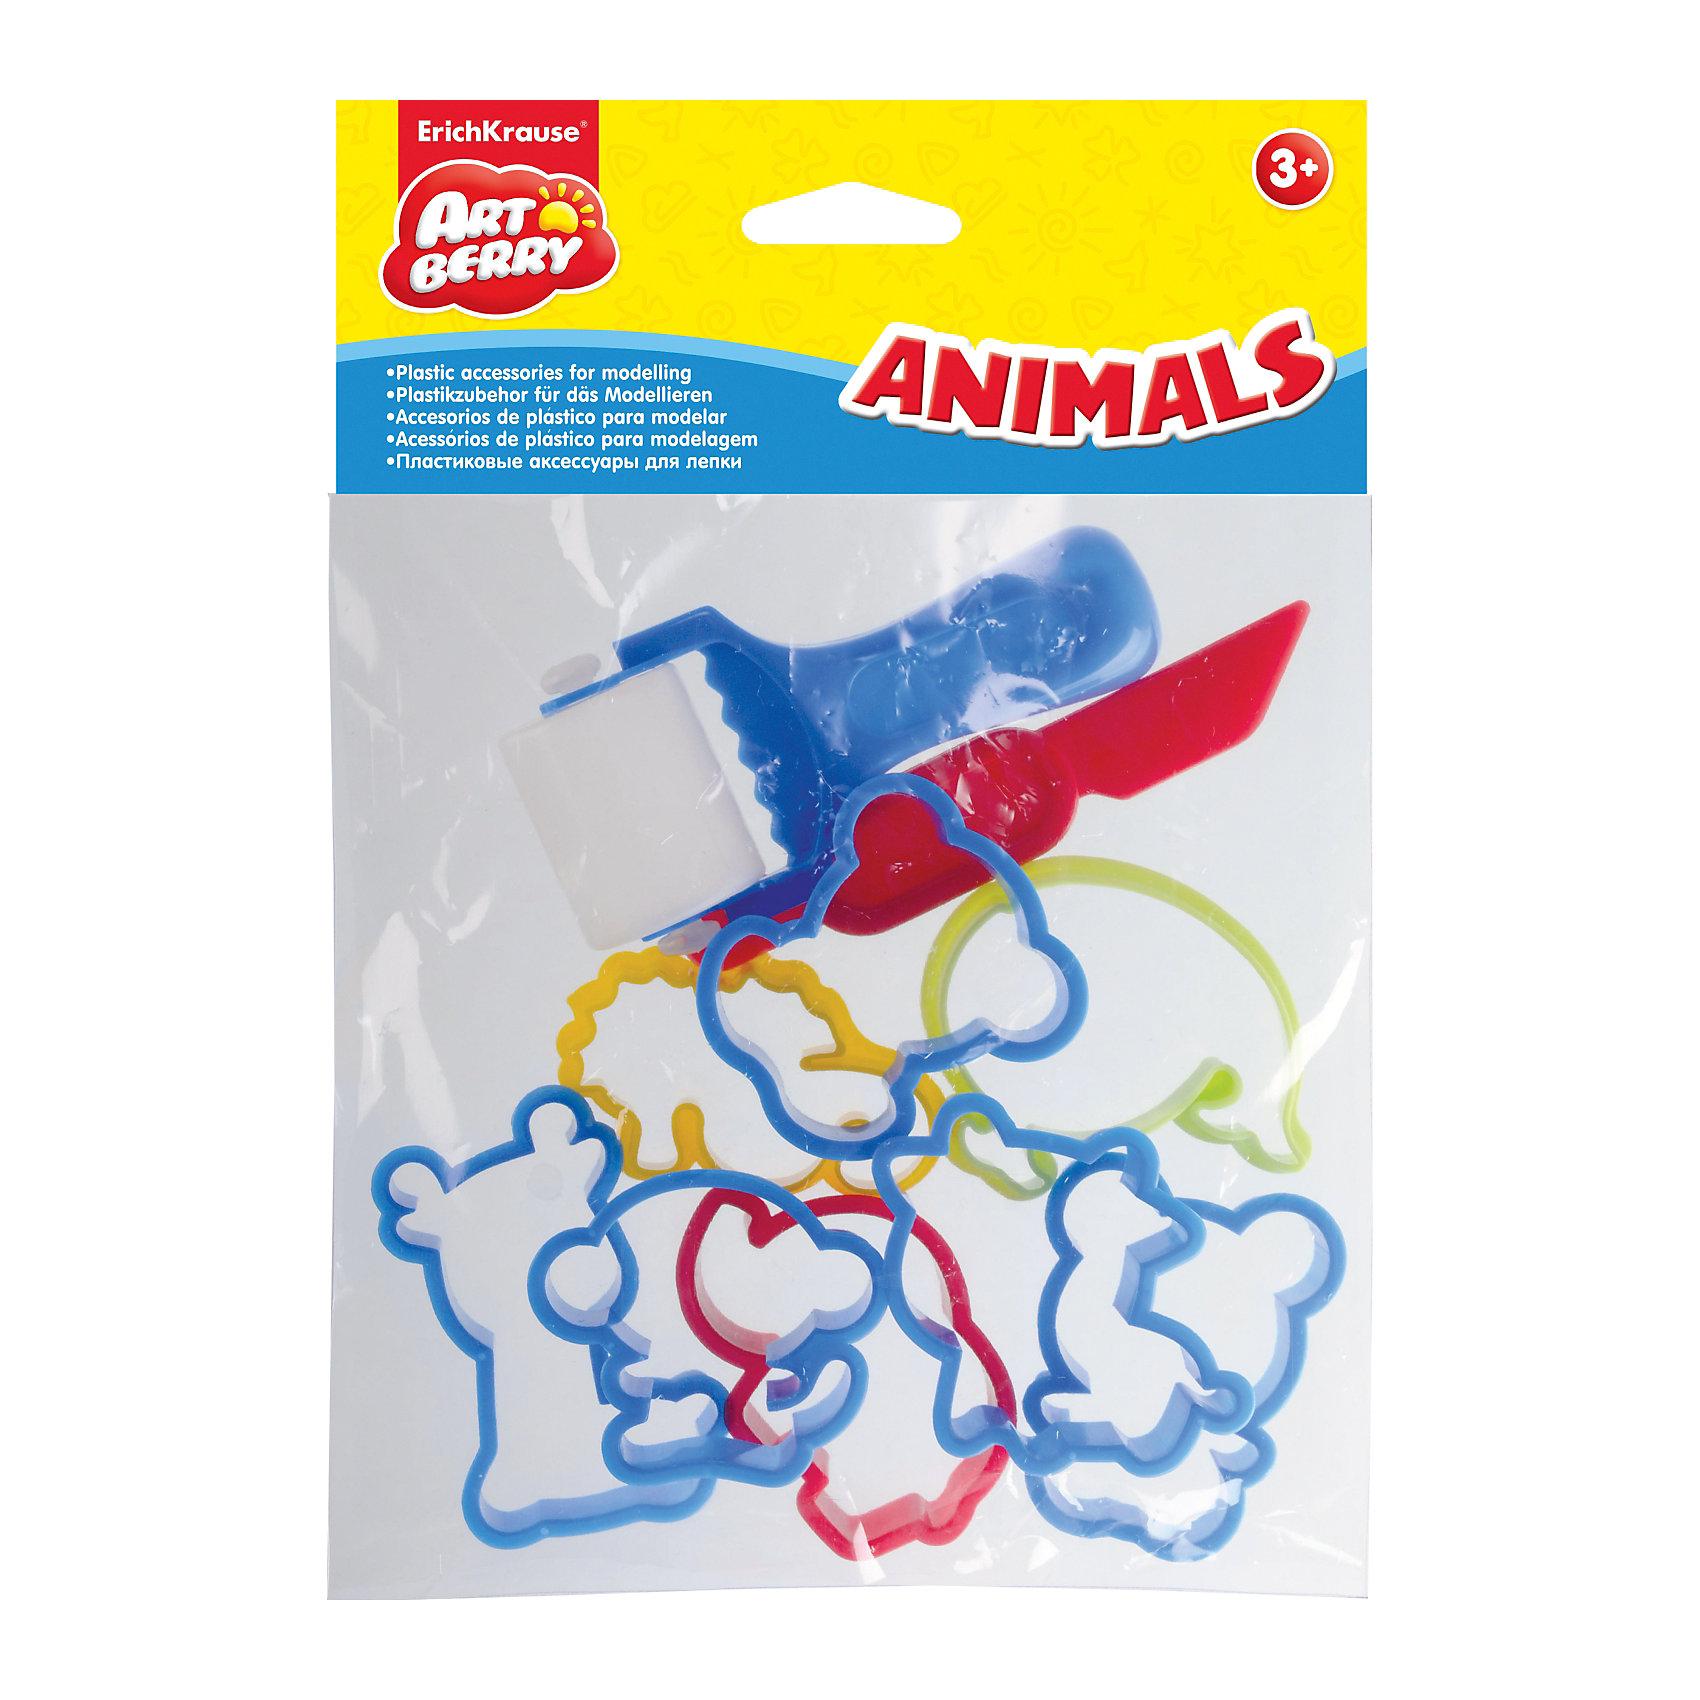 Набор пластиковых аксессуаров для лепки Animals, ArtberryНабор пластиковых аксессуаров для лепки Animals, Artberry – это увлекательный набор для детского творчества.<br>Набор фигурных формочек и аксессуаров для лепки является хорошим дополнением к пластилину. Пластиковые формочки очень удобны для работы: имеют безопасные закругленные края и достаточно плотный каркас. Разноцветные формочки и аксессуары разнообразят занятия лепкой, научат создавать фигурные поделки, разовьют мелкую моторику пальцев ребенка.<br><br>Дополнительная информация:<br><br>- В наборе: стек, валик, 8 фигурных формочек животных<br>- Средний размер фигурки: 6 см x 6 см x 1 см.<br>- Материал: пластик<br><br>Набор пластиковых аксессуаров для лепки Animals, Artberry можно купить в нашем интернет-магазине.<br><br>Ширина мм: 165<br>Глубина мм: 40<br>Высота мм: 200<br>Вес г: 50<br>Возраст от месяцев: 36<br>Возраст до месяцев: 72<br>Пол: Унисекс<br>Возраст: Детский<br>SKU: 4744515